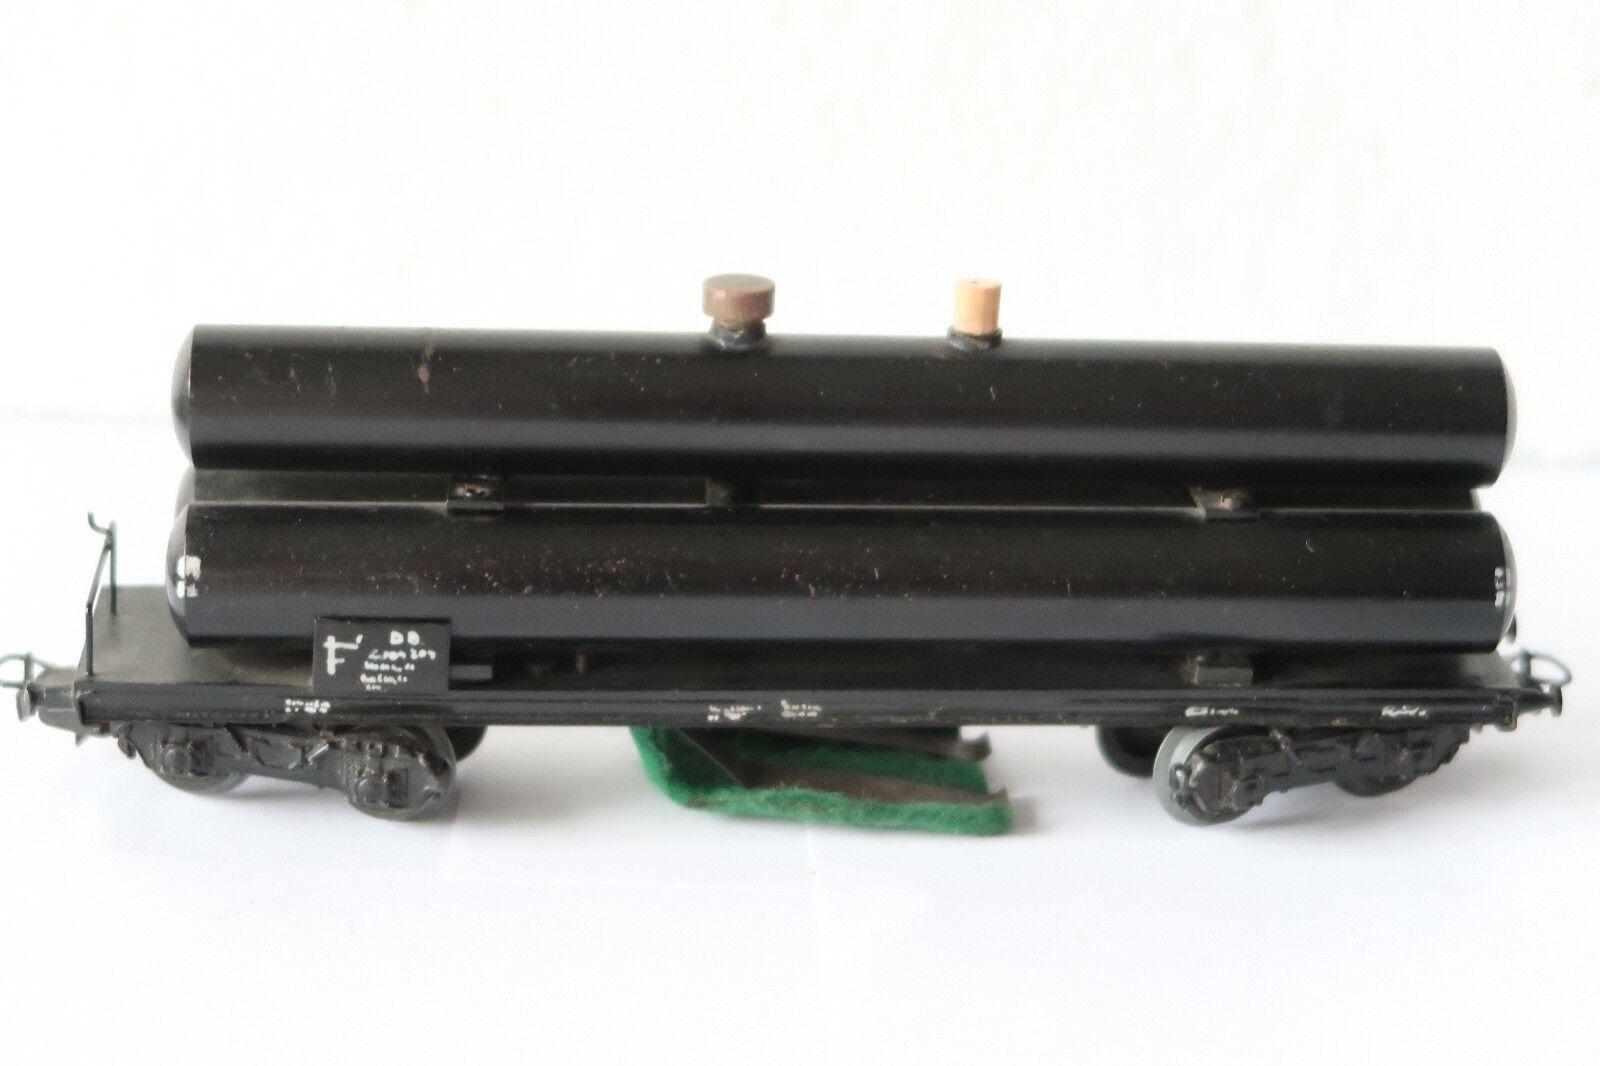 Becco modello ho AC SR 2 L PULIZIA rossoAIE carrello  rarità  (dk 154-65c3 6)